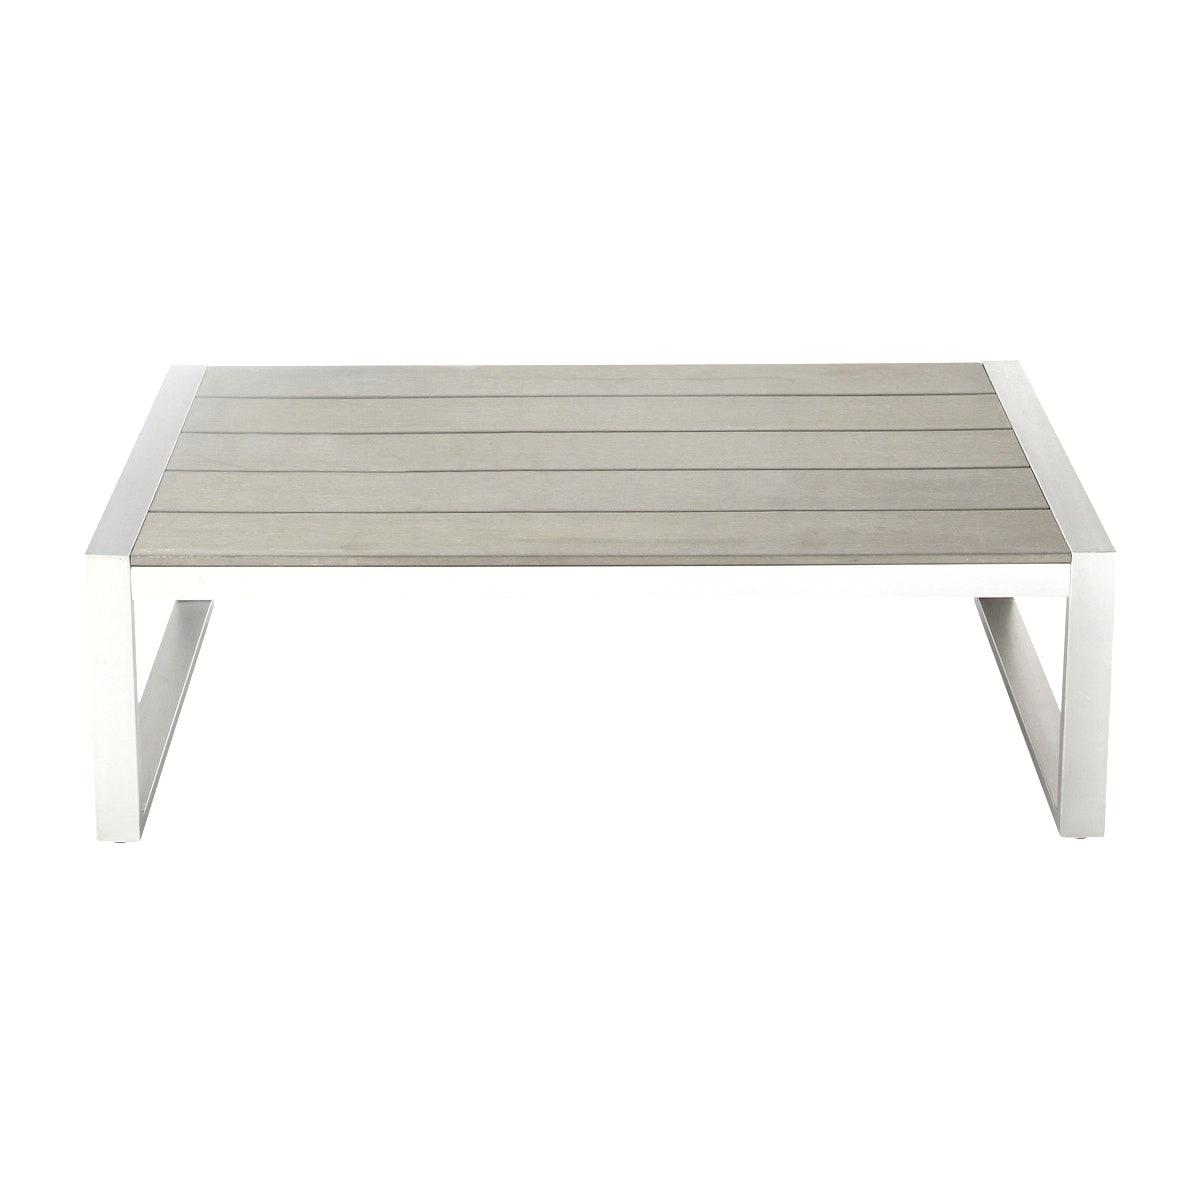 Salon De Dtente Extrieur Frais Dalle Balcon Ikea Avec ... avec Table Basse De Jardin Ikea